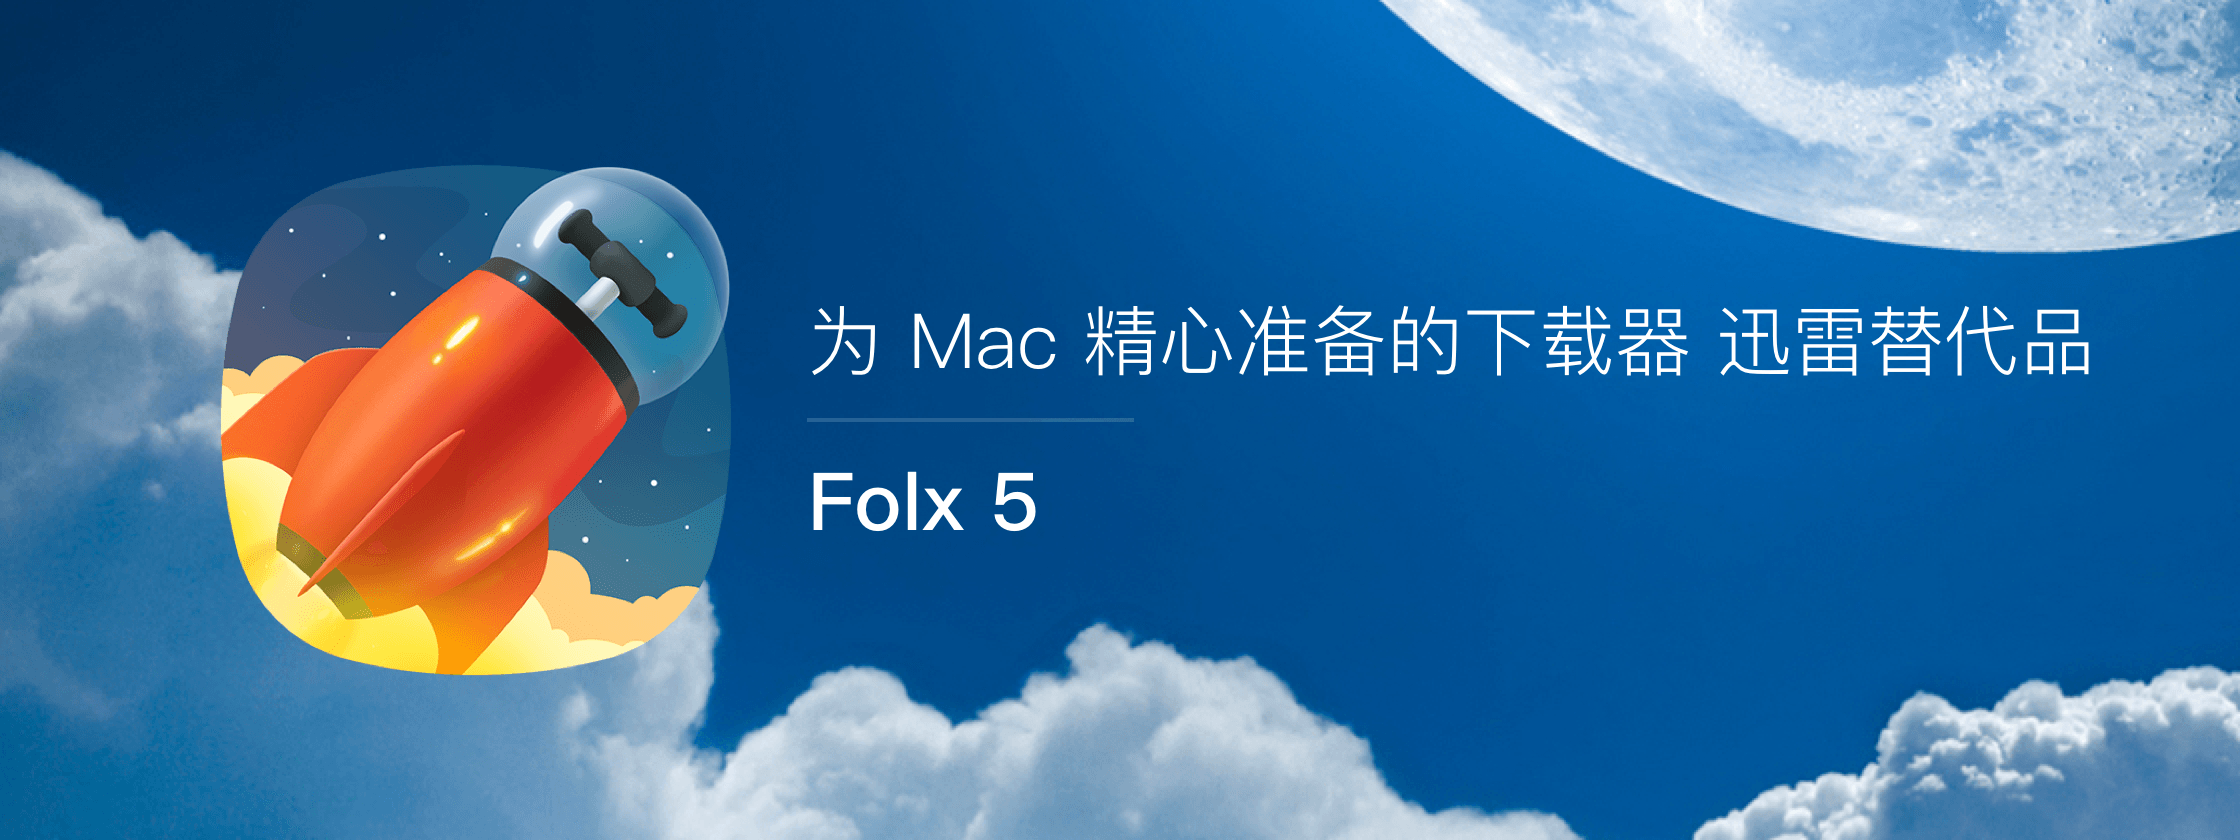 Folx 5 – 为 Mac 精心准备的下载器 迅雷替代品